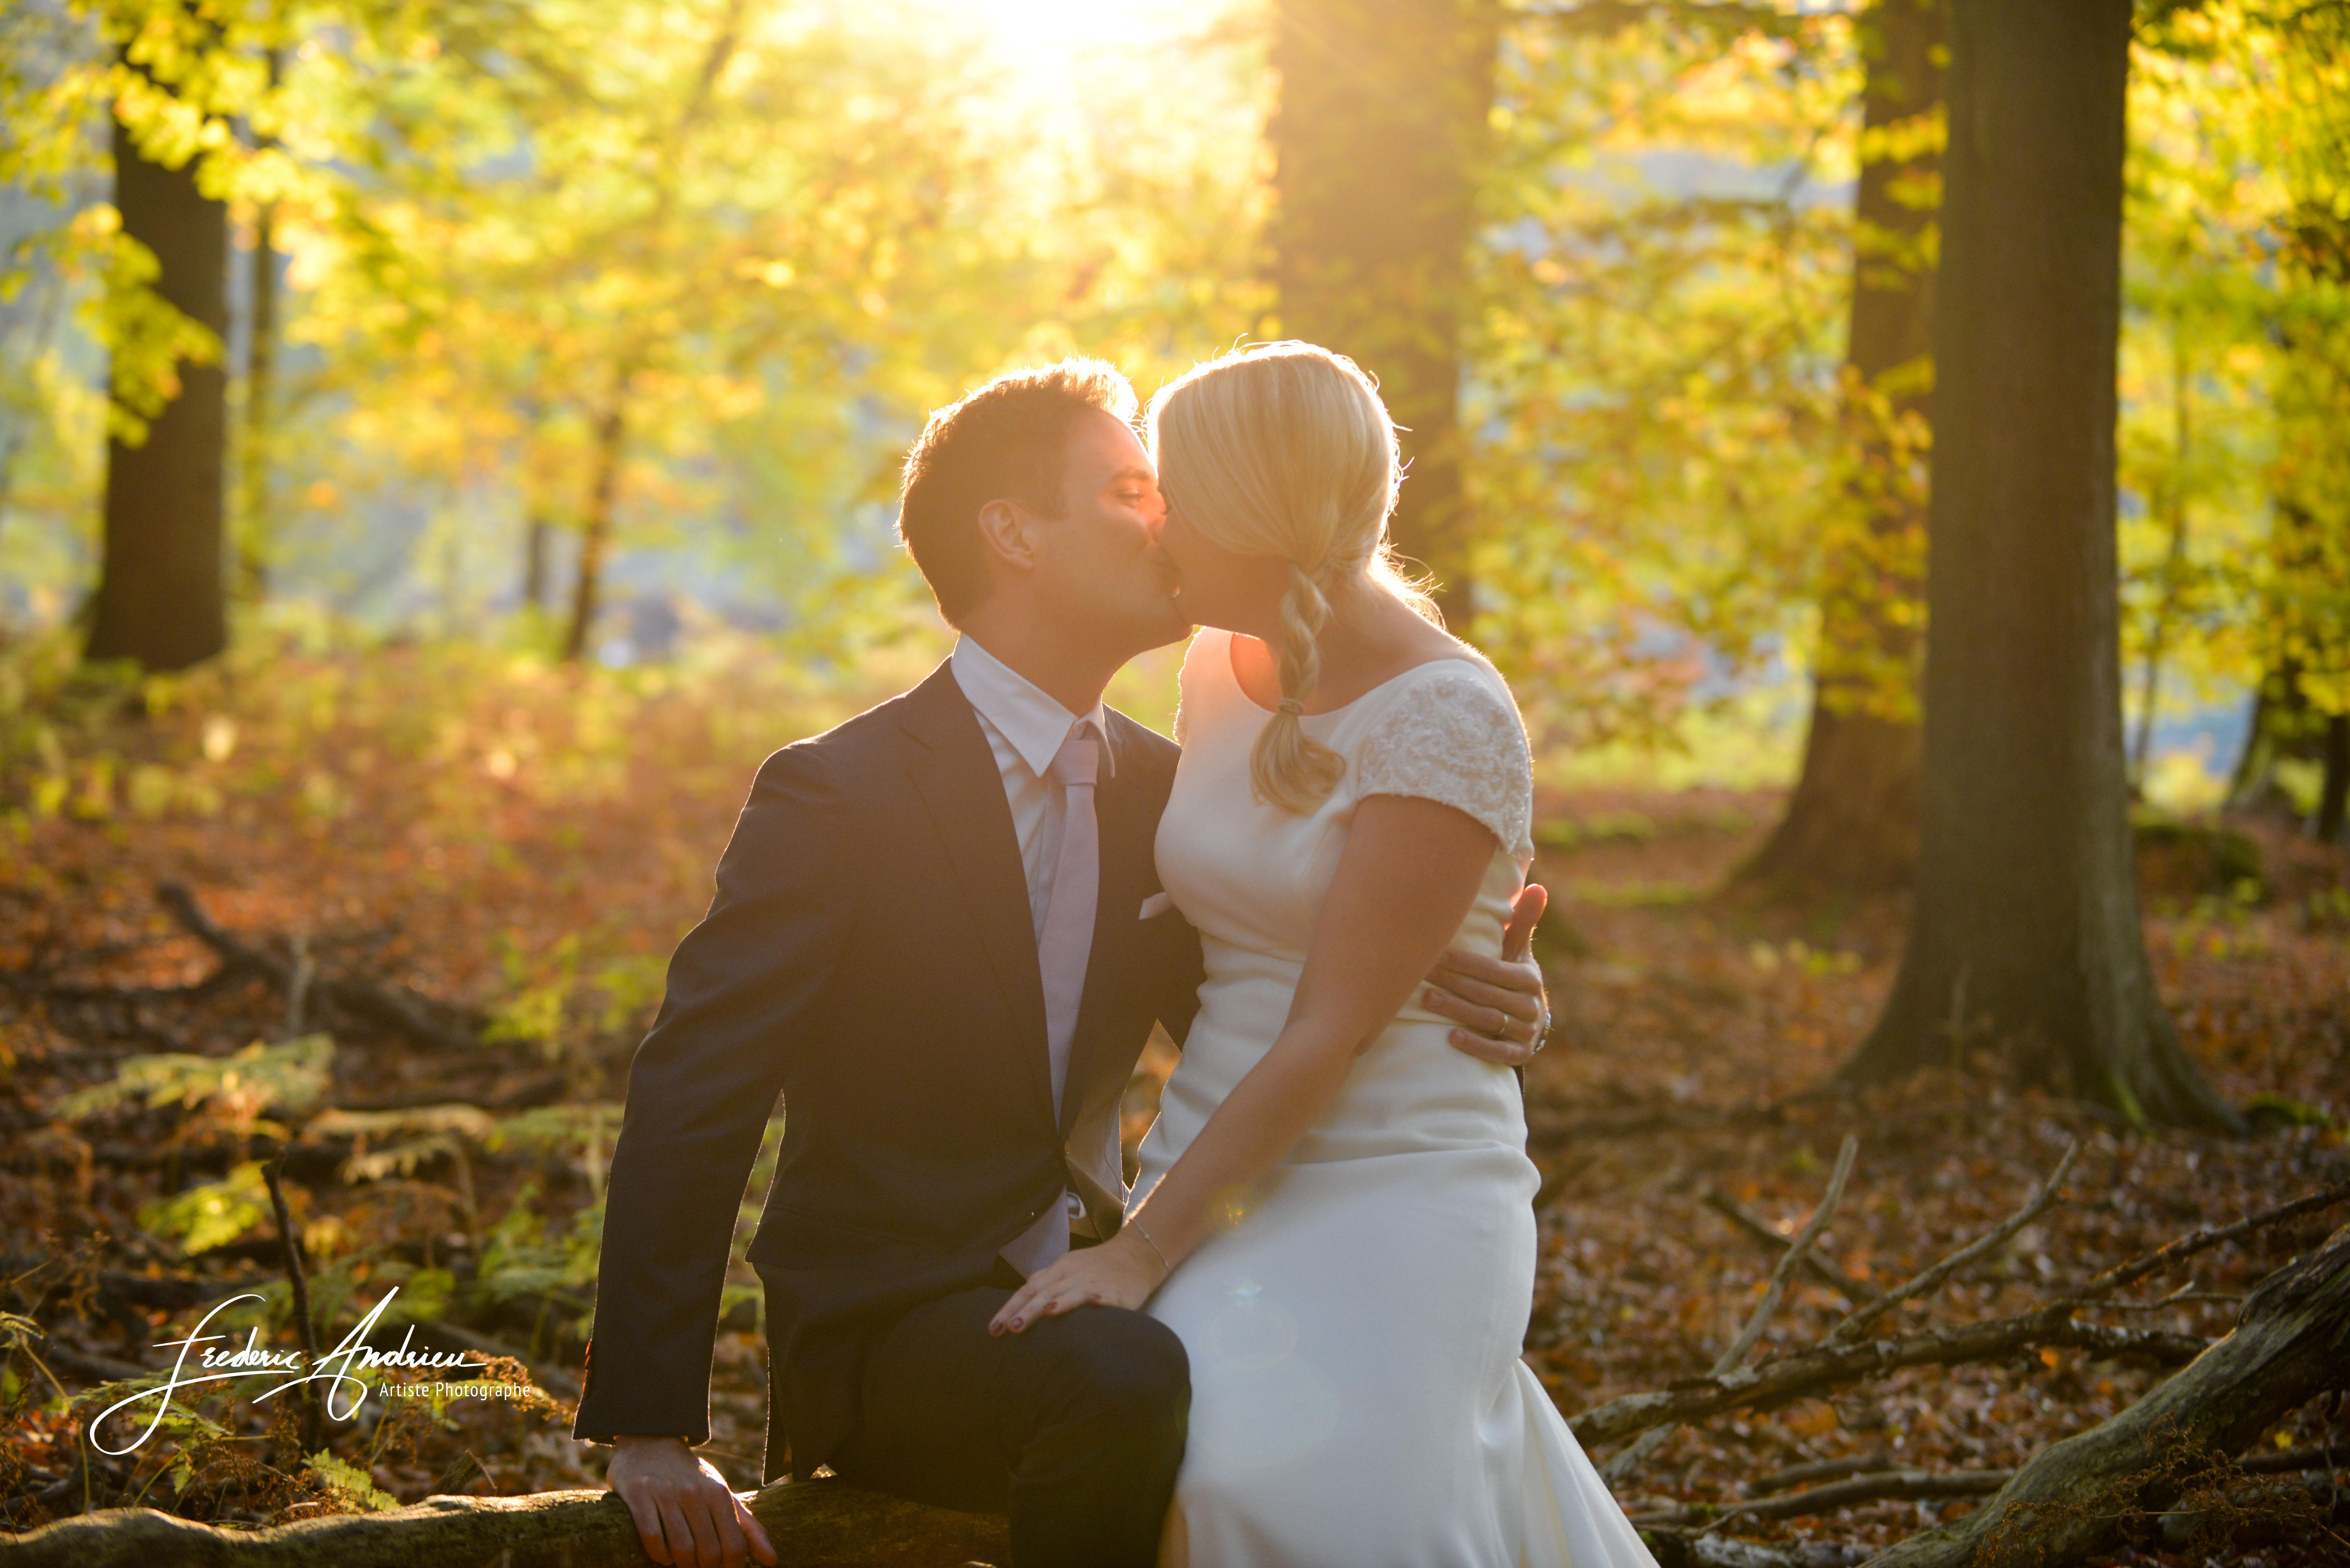 Et pourquoi pas des photos de mariage en automne ?